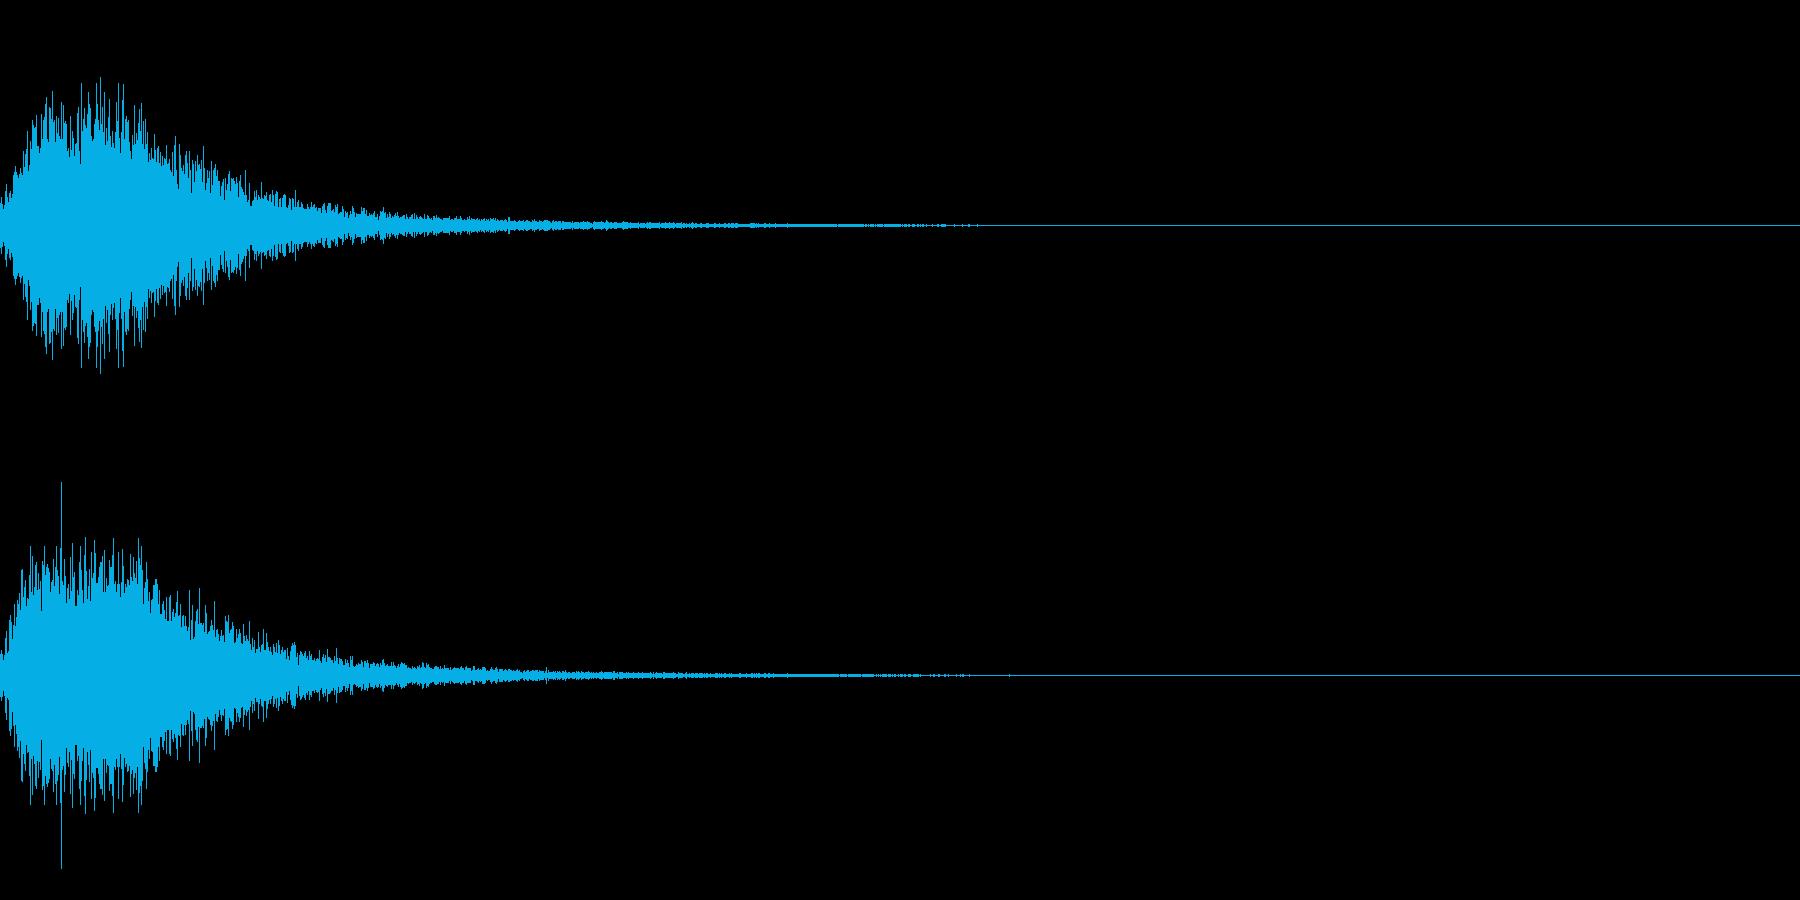 迫力ある和風な歌舞伎の床音(附け木)01の再生済みの波形